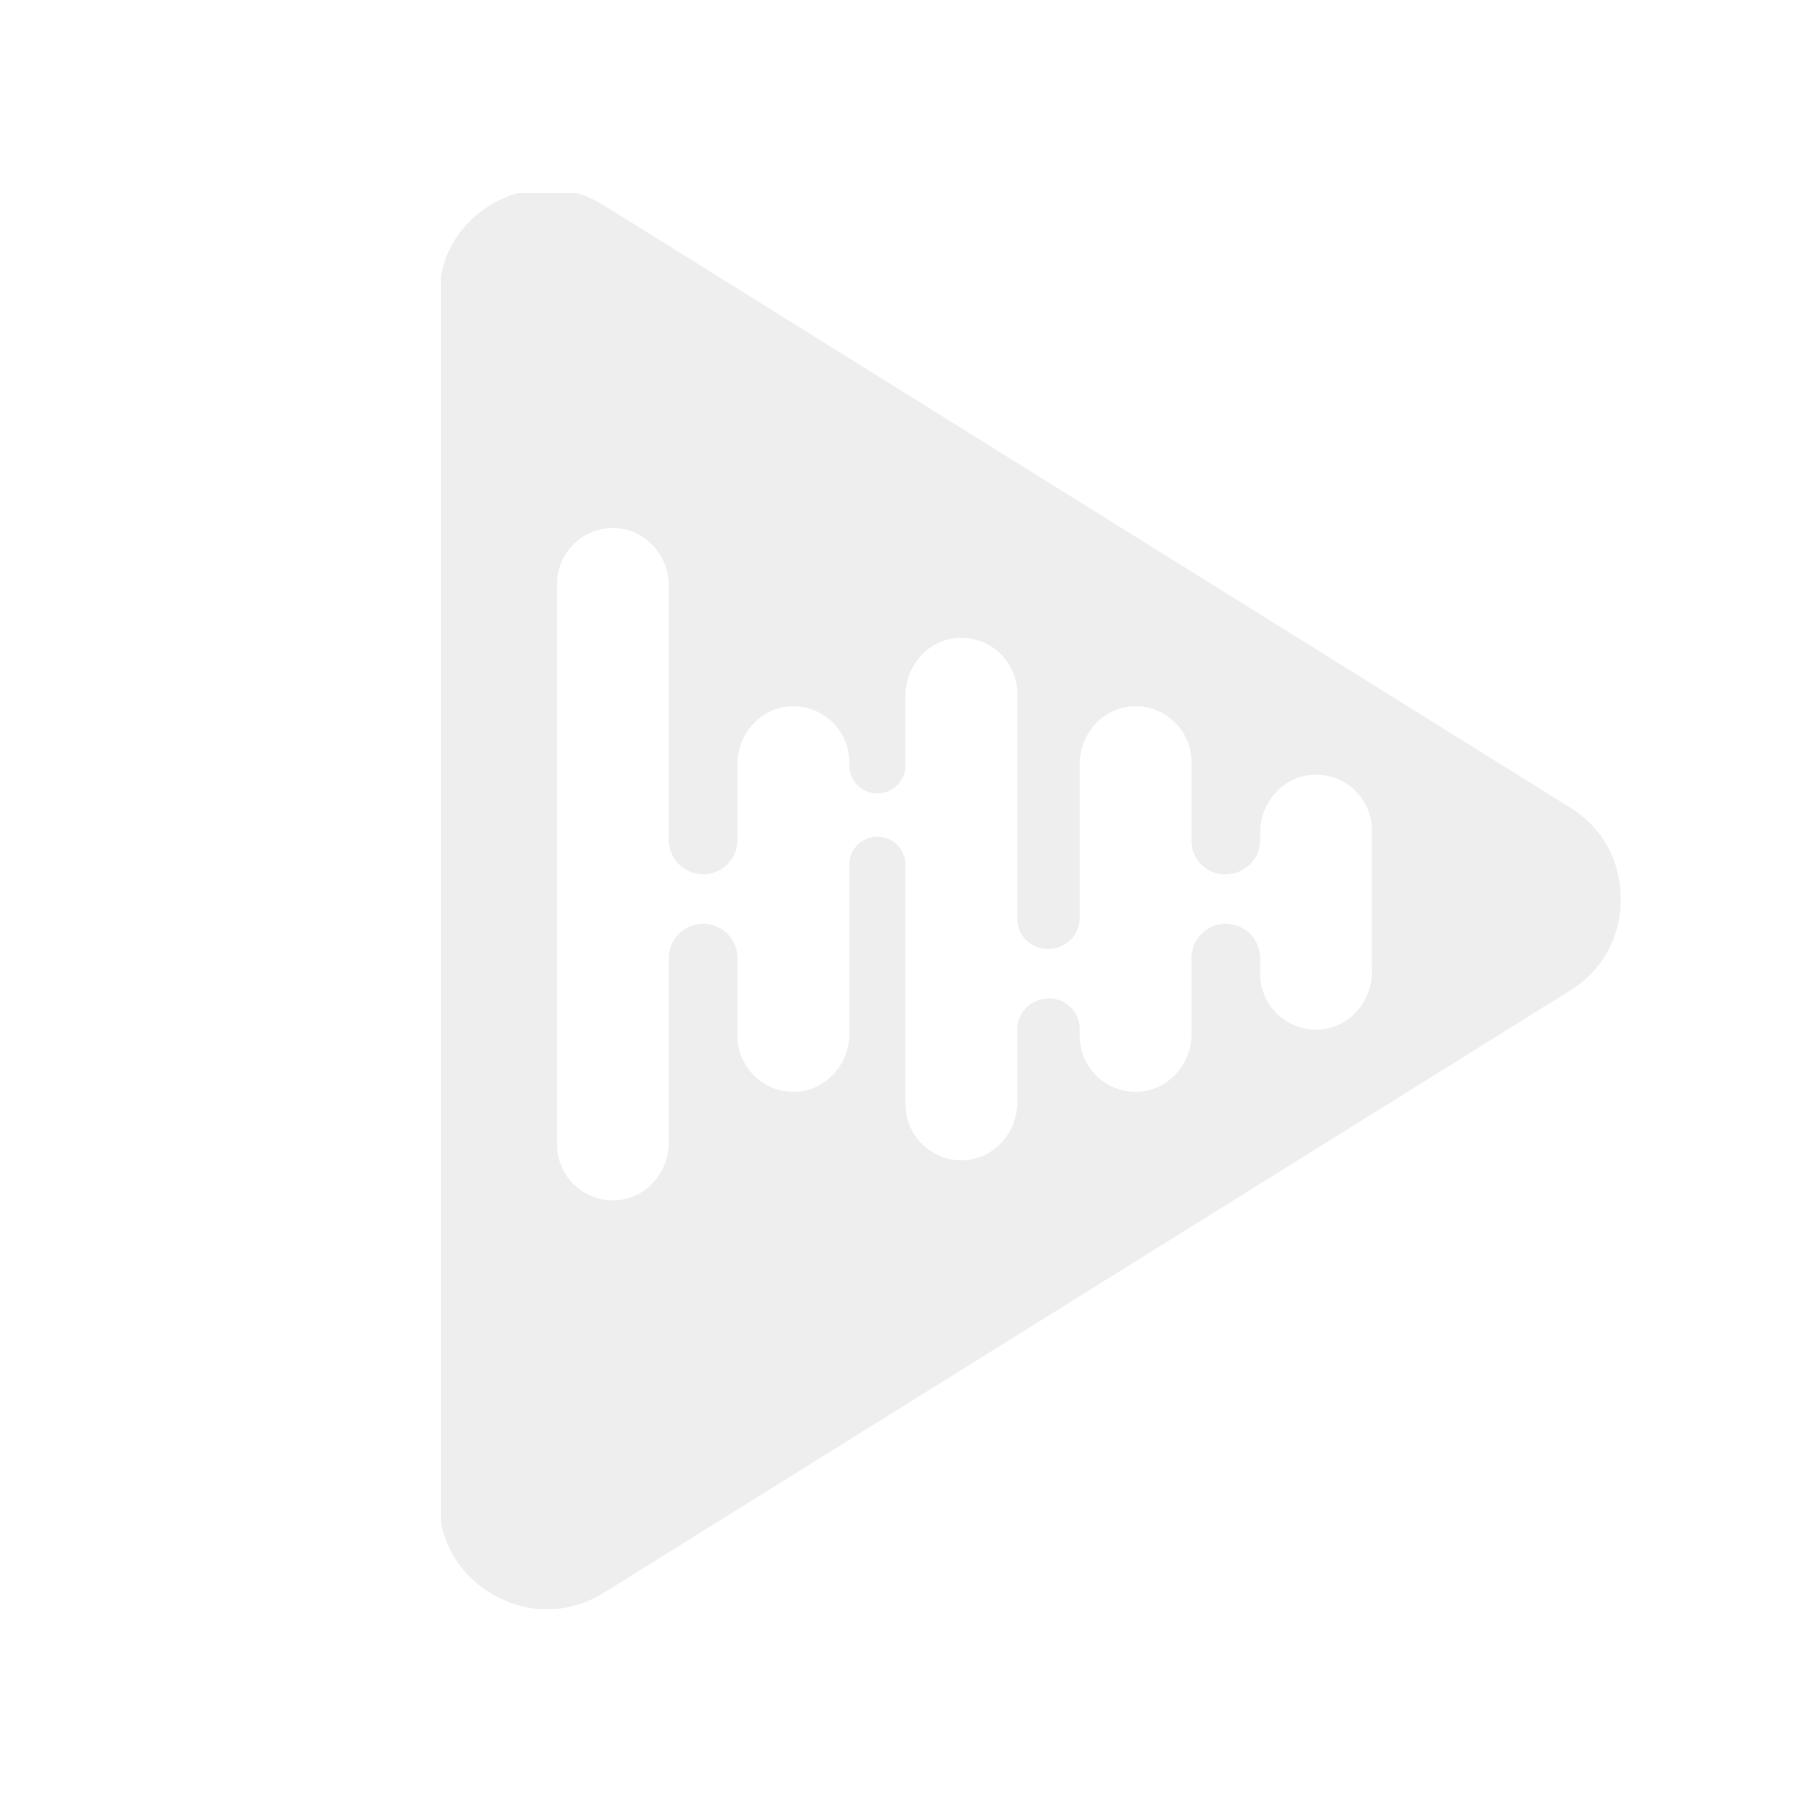 Kenwood K2DINPLA - Pyntelist til K2DINALU, Kenwood 2-DIN ramme